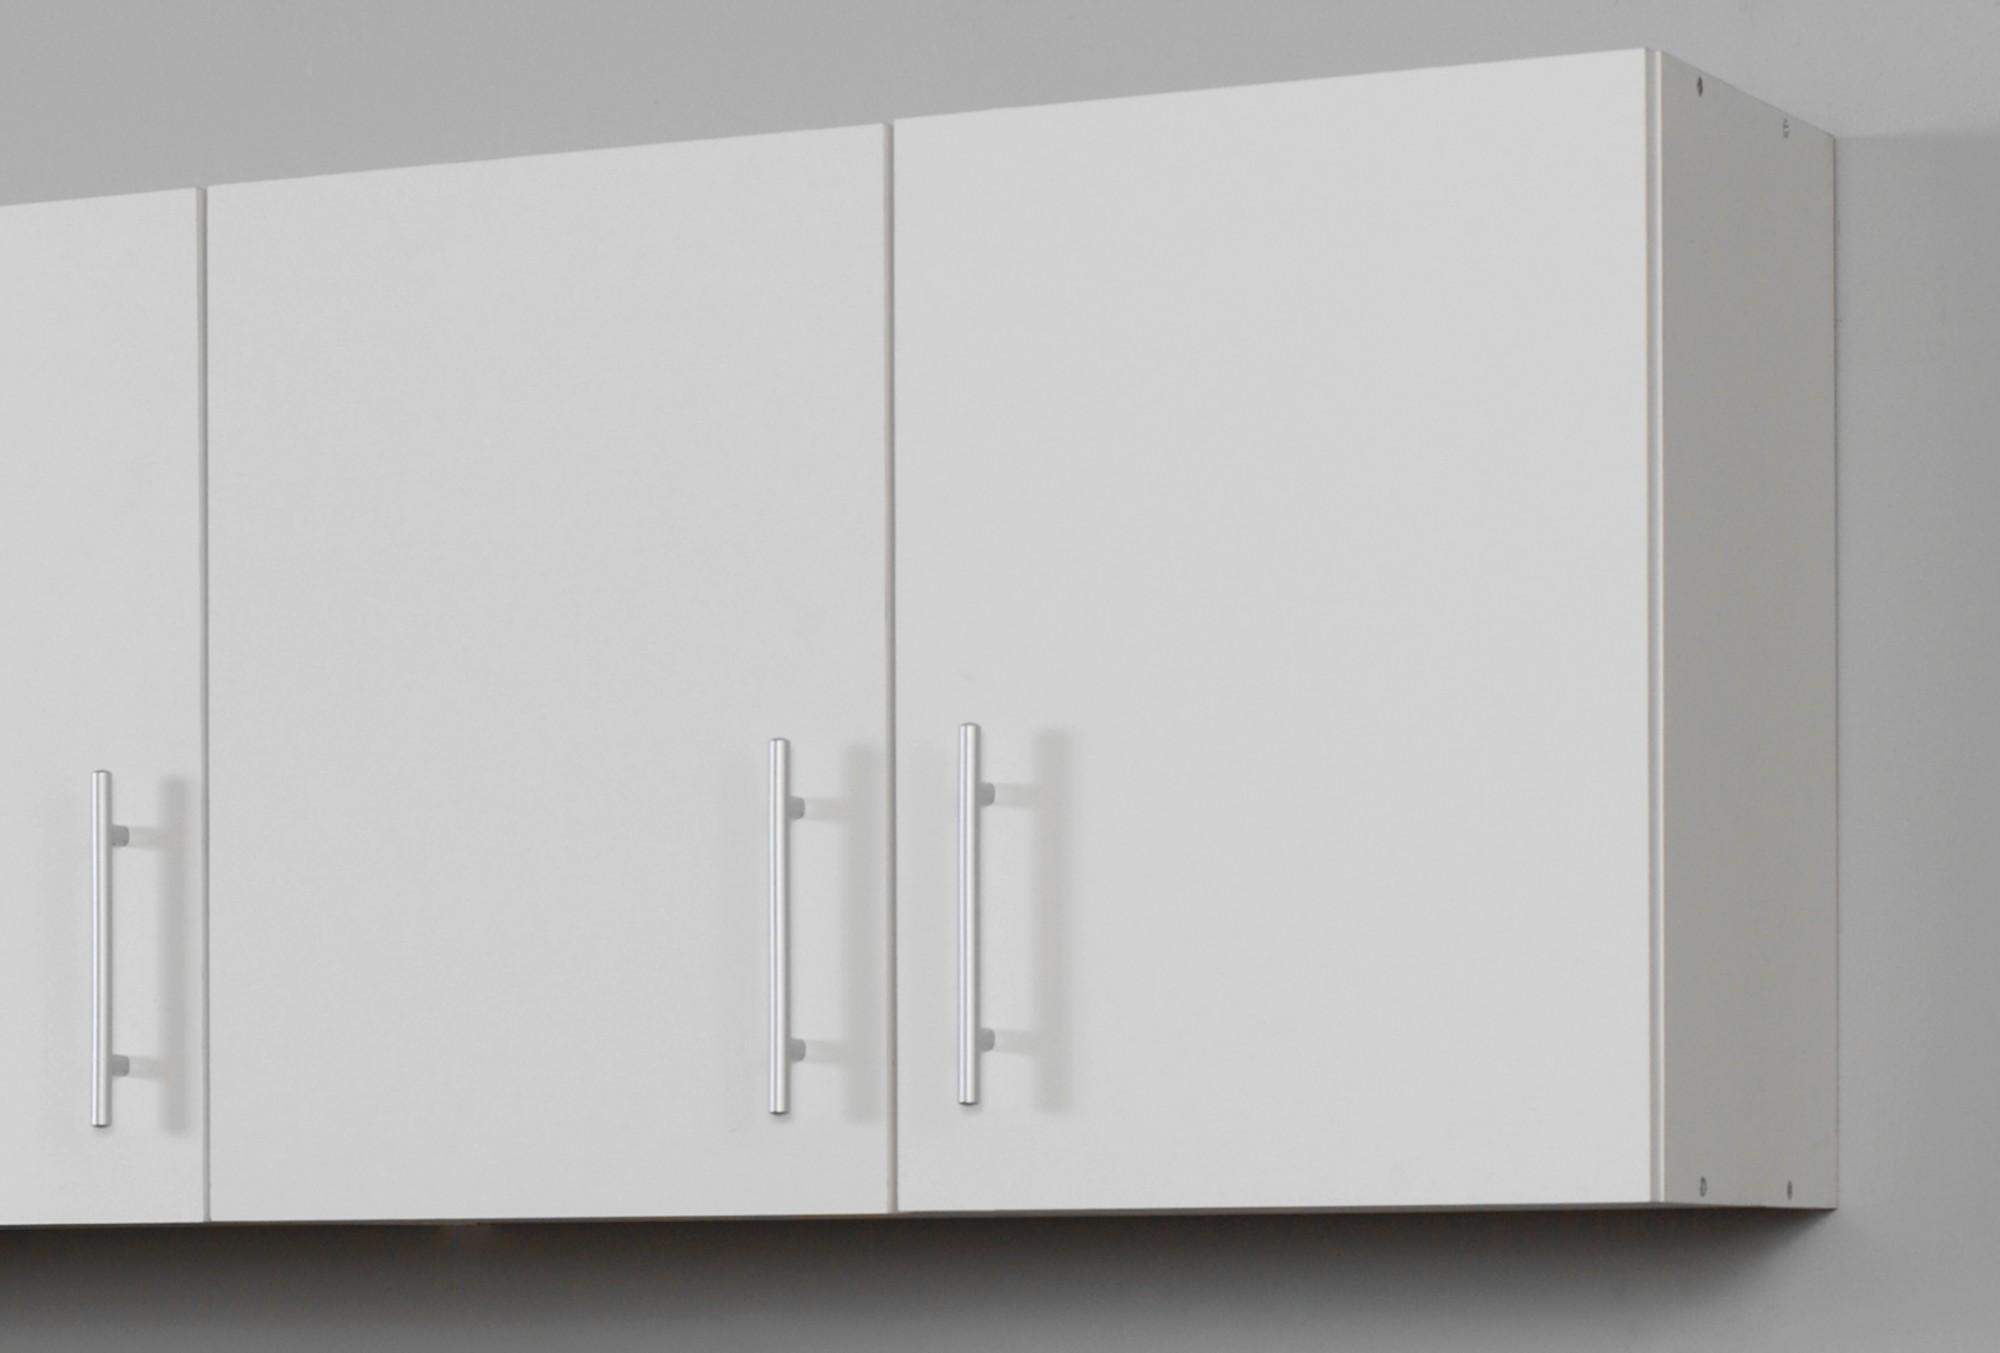 Full Size of Singleküche Mit Spüle Und Kühlschrank Singleküche Mit Kühlschrank Singleküche 150 Cm Mit Kühlschrank Singleküche Mit Elektrogeräten Und Kühlschrank Küche Singleküche Mit Kühlschrank